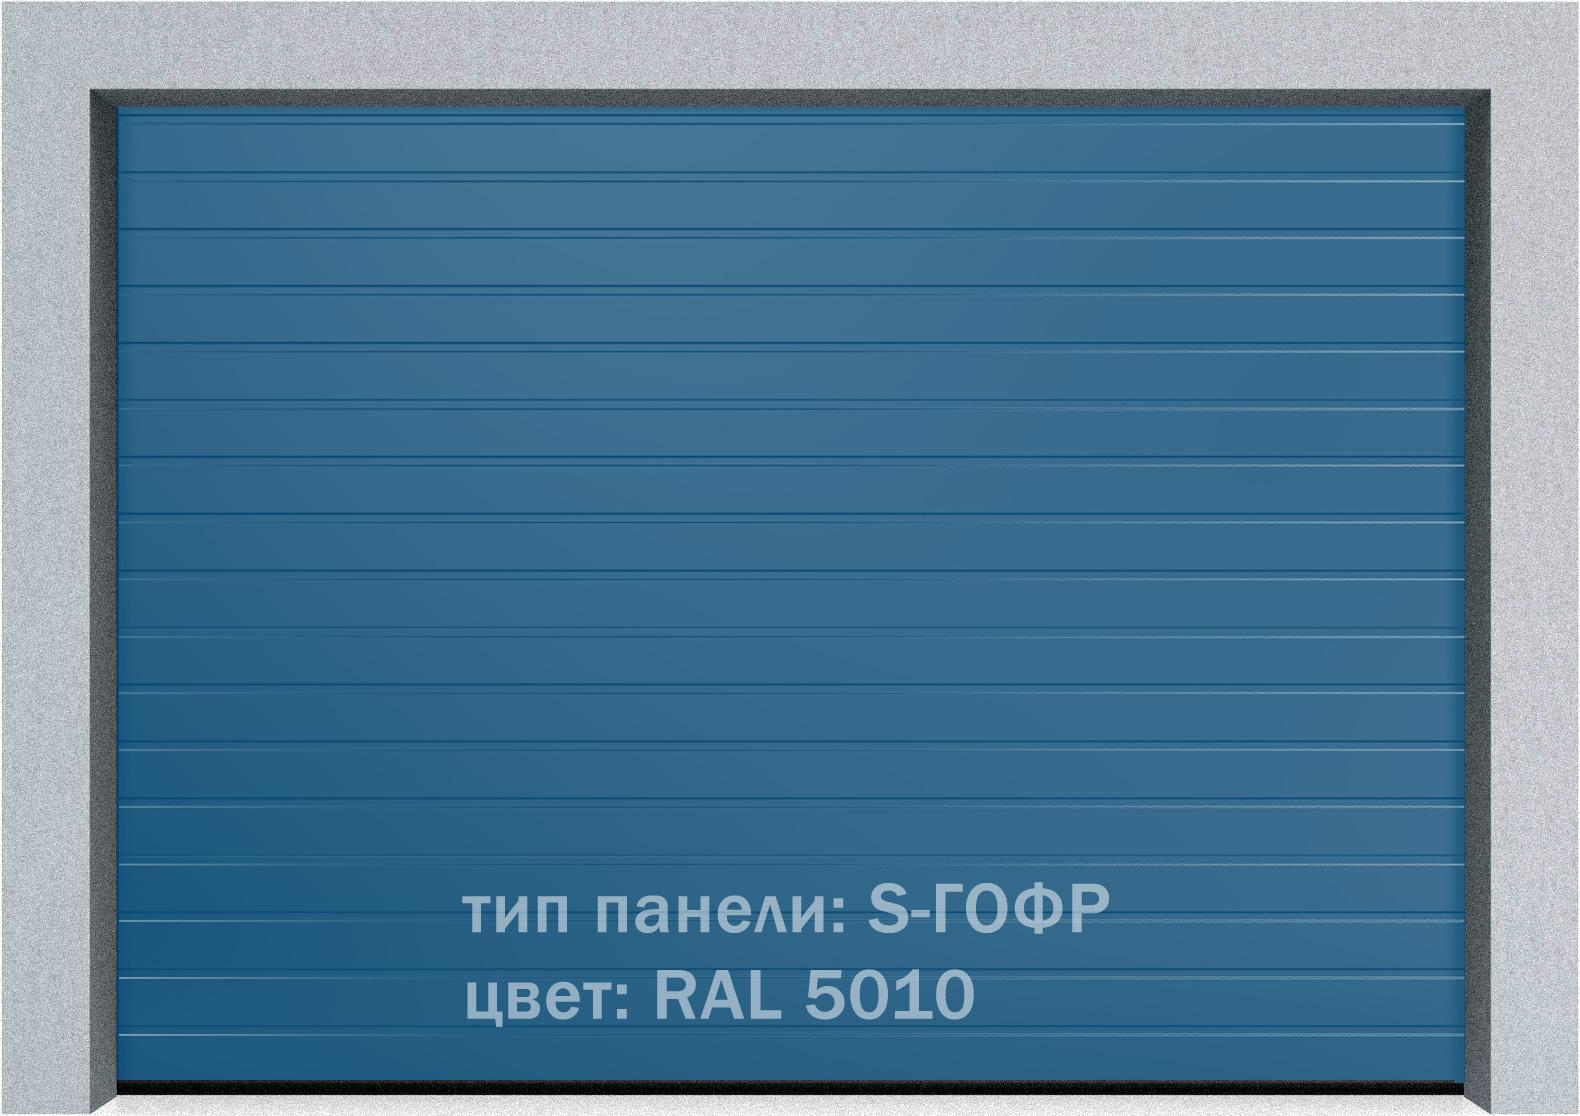 Секционные промышленные ворота Alutech ProTrend 2750х2250 S-гофр, Микроволна стандартные цвета, фото 6